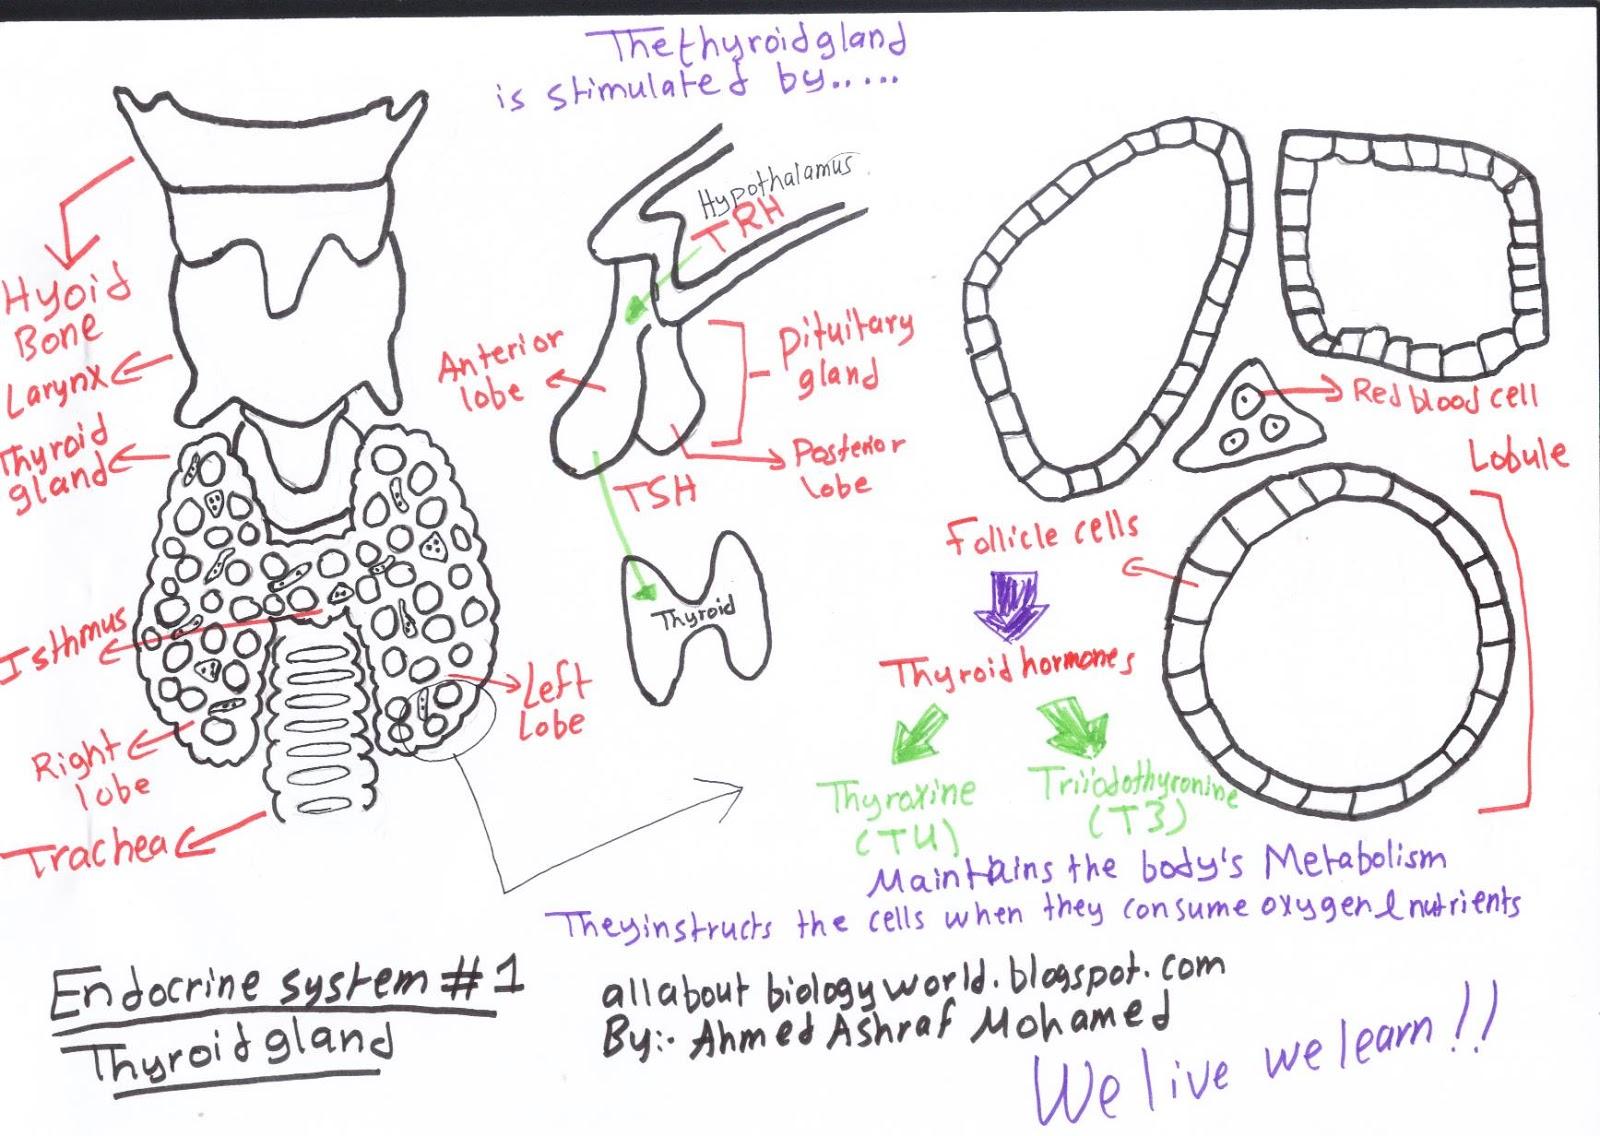 medium resolution of thyroid gland in a nutshell